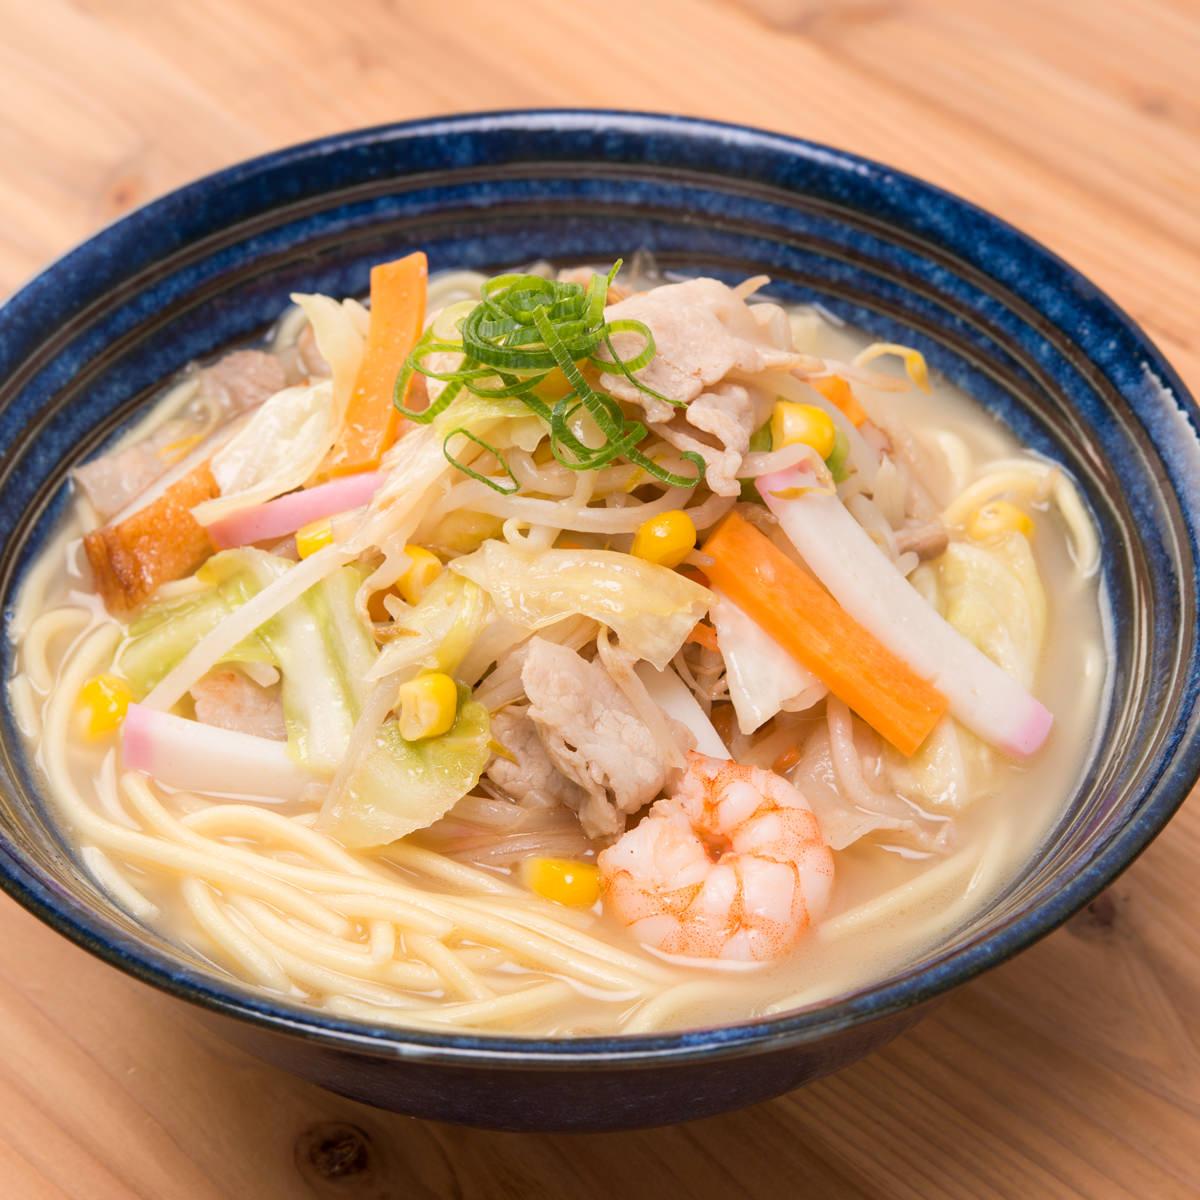 昔懐かしい中華そば 美味しいラーメン 築地の中華そば チャンポン 6食〔チャンポン麺×6〕